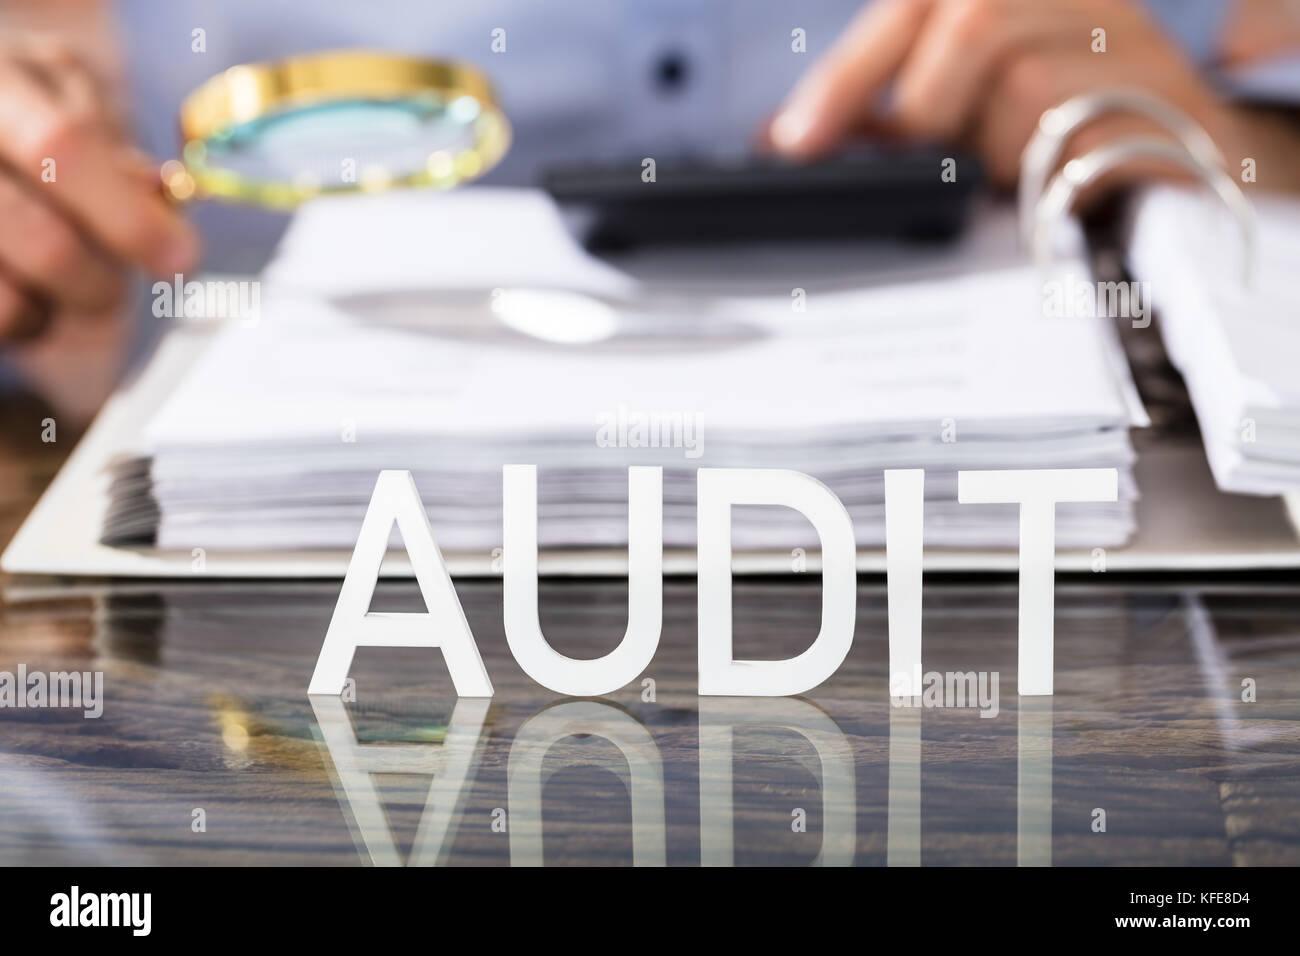 Nahaufnahme der Finanzdaten Analytiker mit Audit text auf Glas Schreibtisch im Büro Stockbild